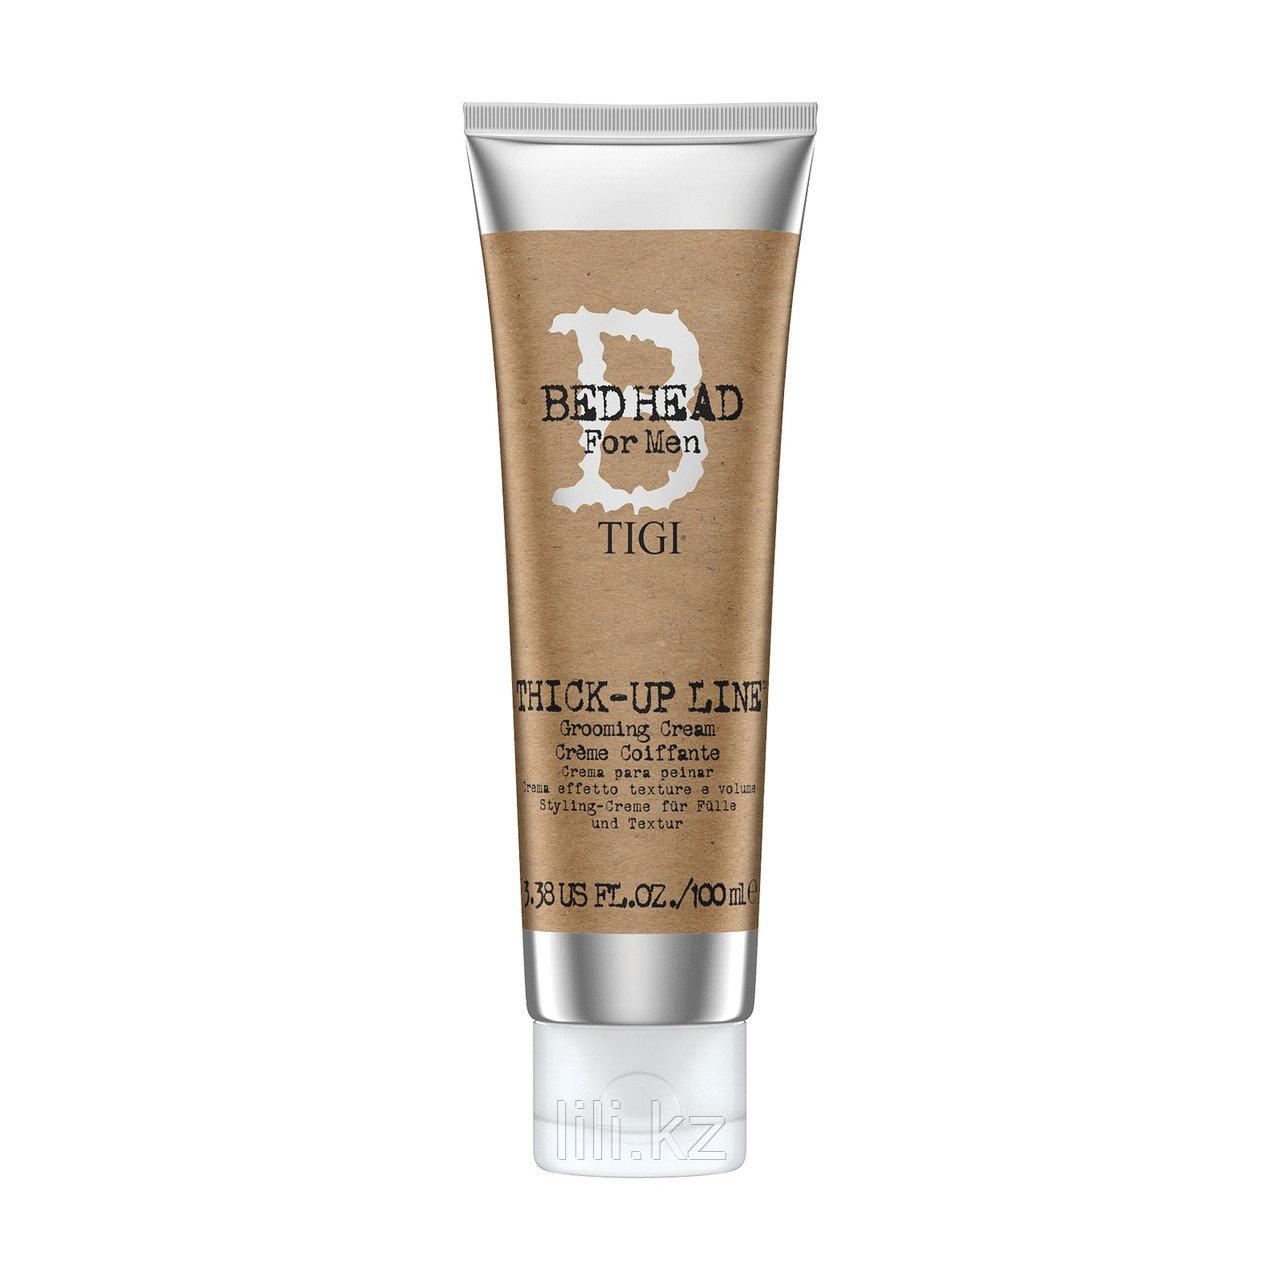 Крем для укладки волос для мужчин Bed Head For Men Thick-Up-Line Grooming Cream 100 мл.